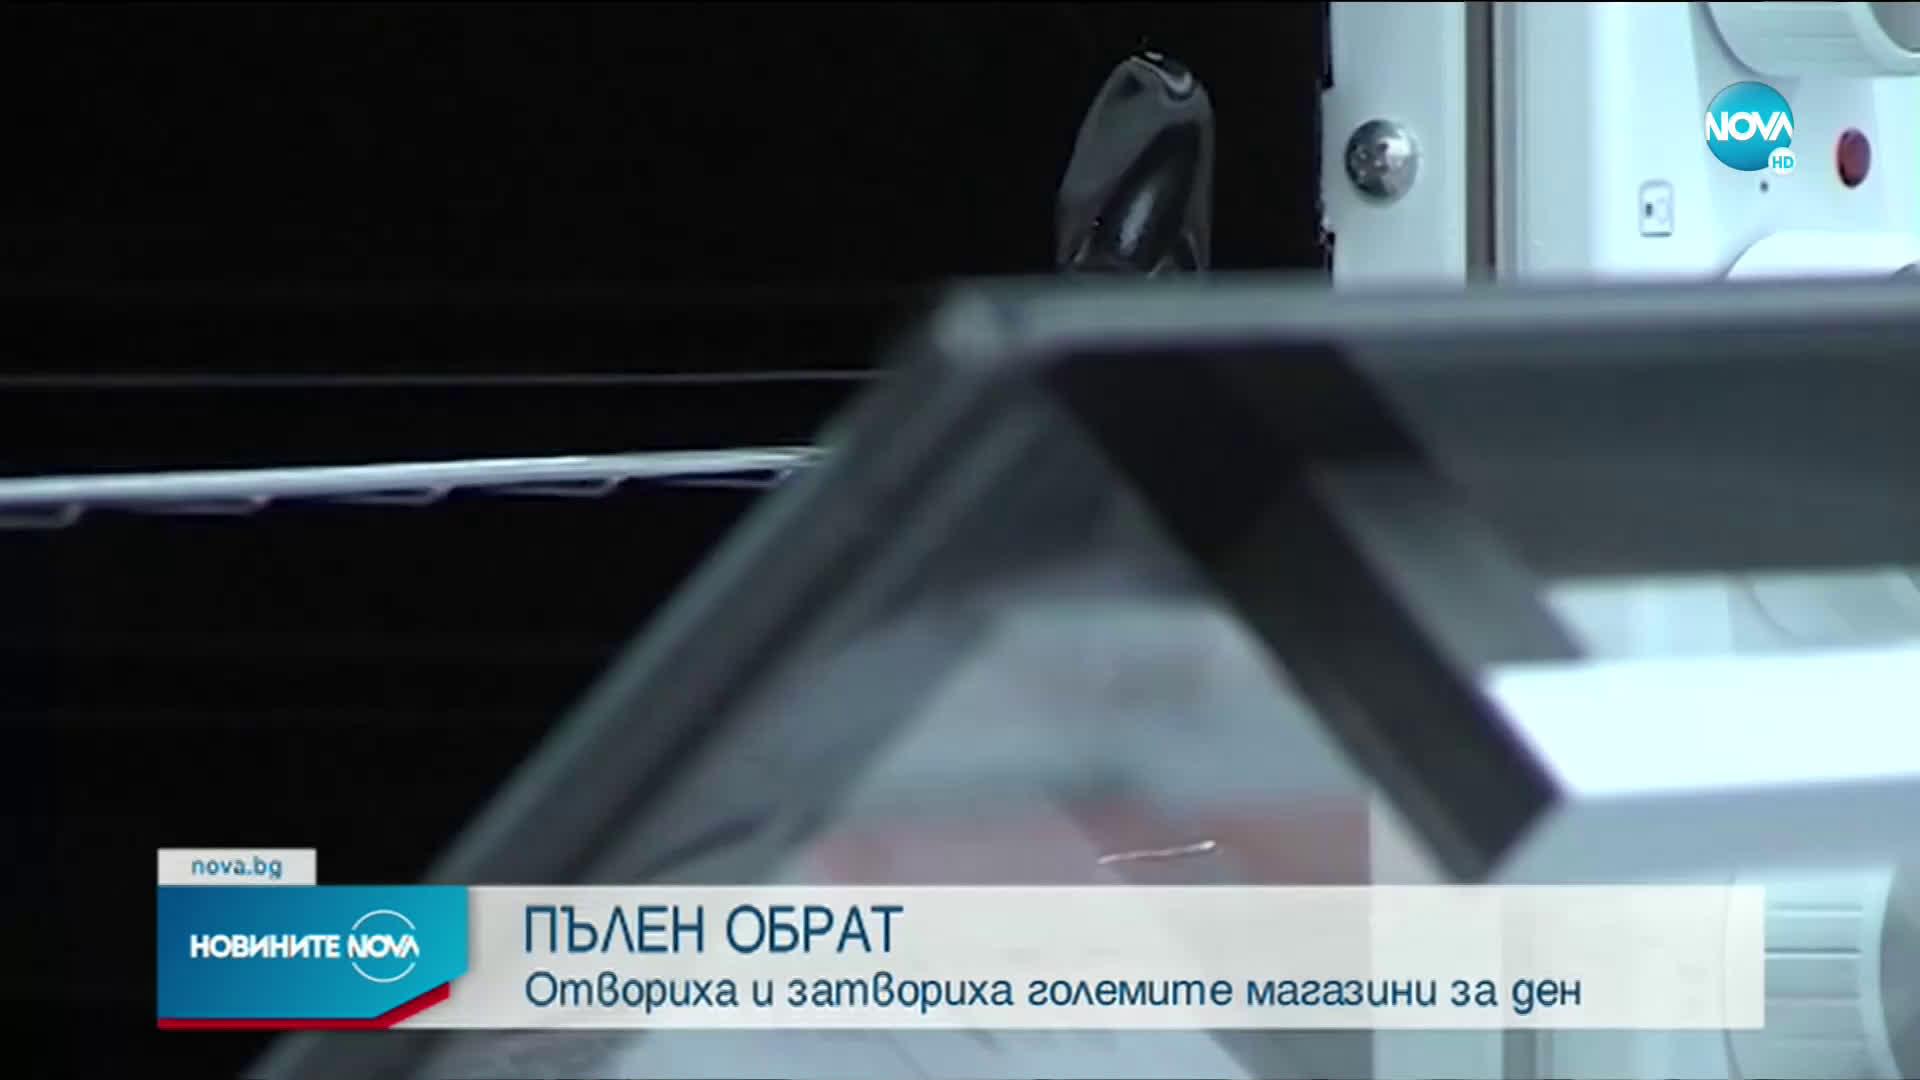 ОБРАТ: Големите магазини няма да отварят